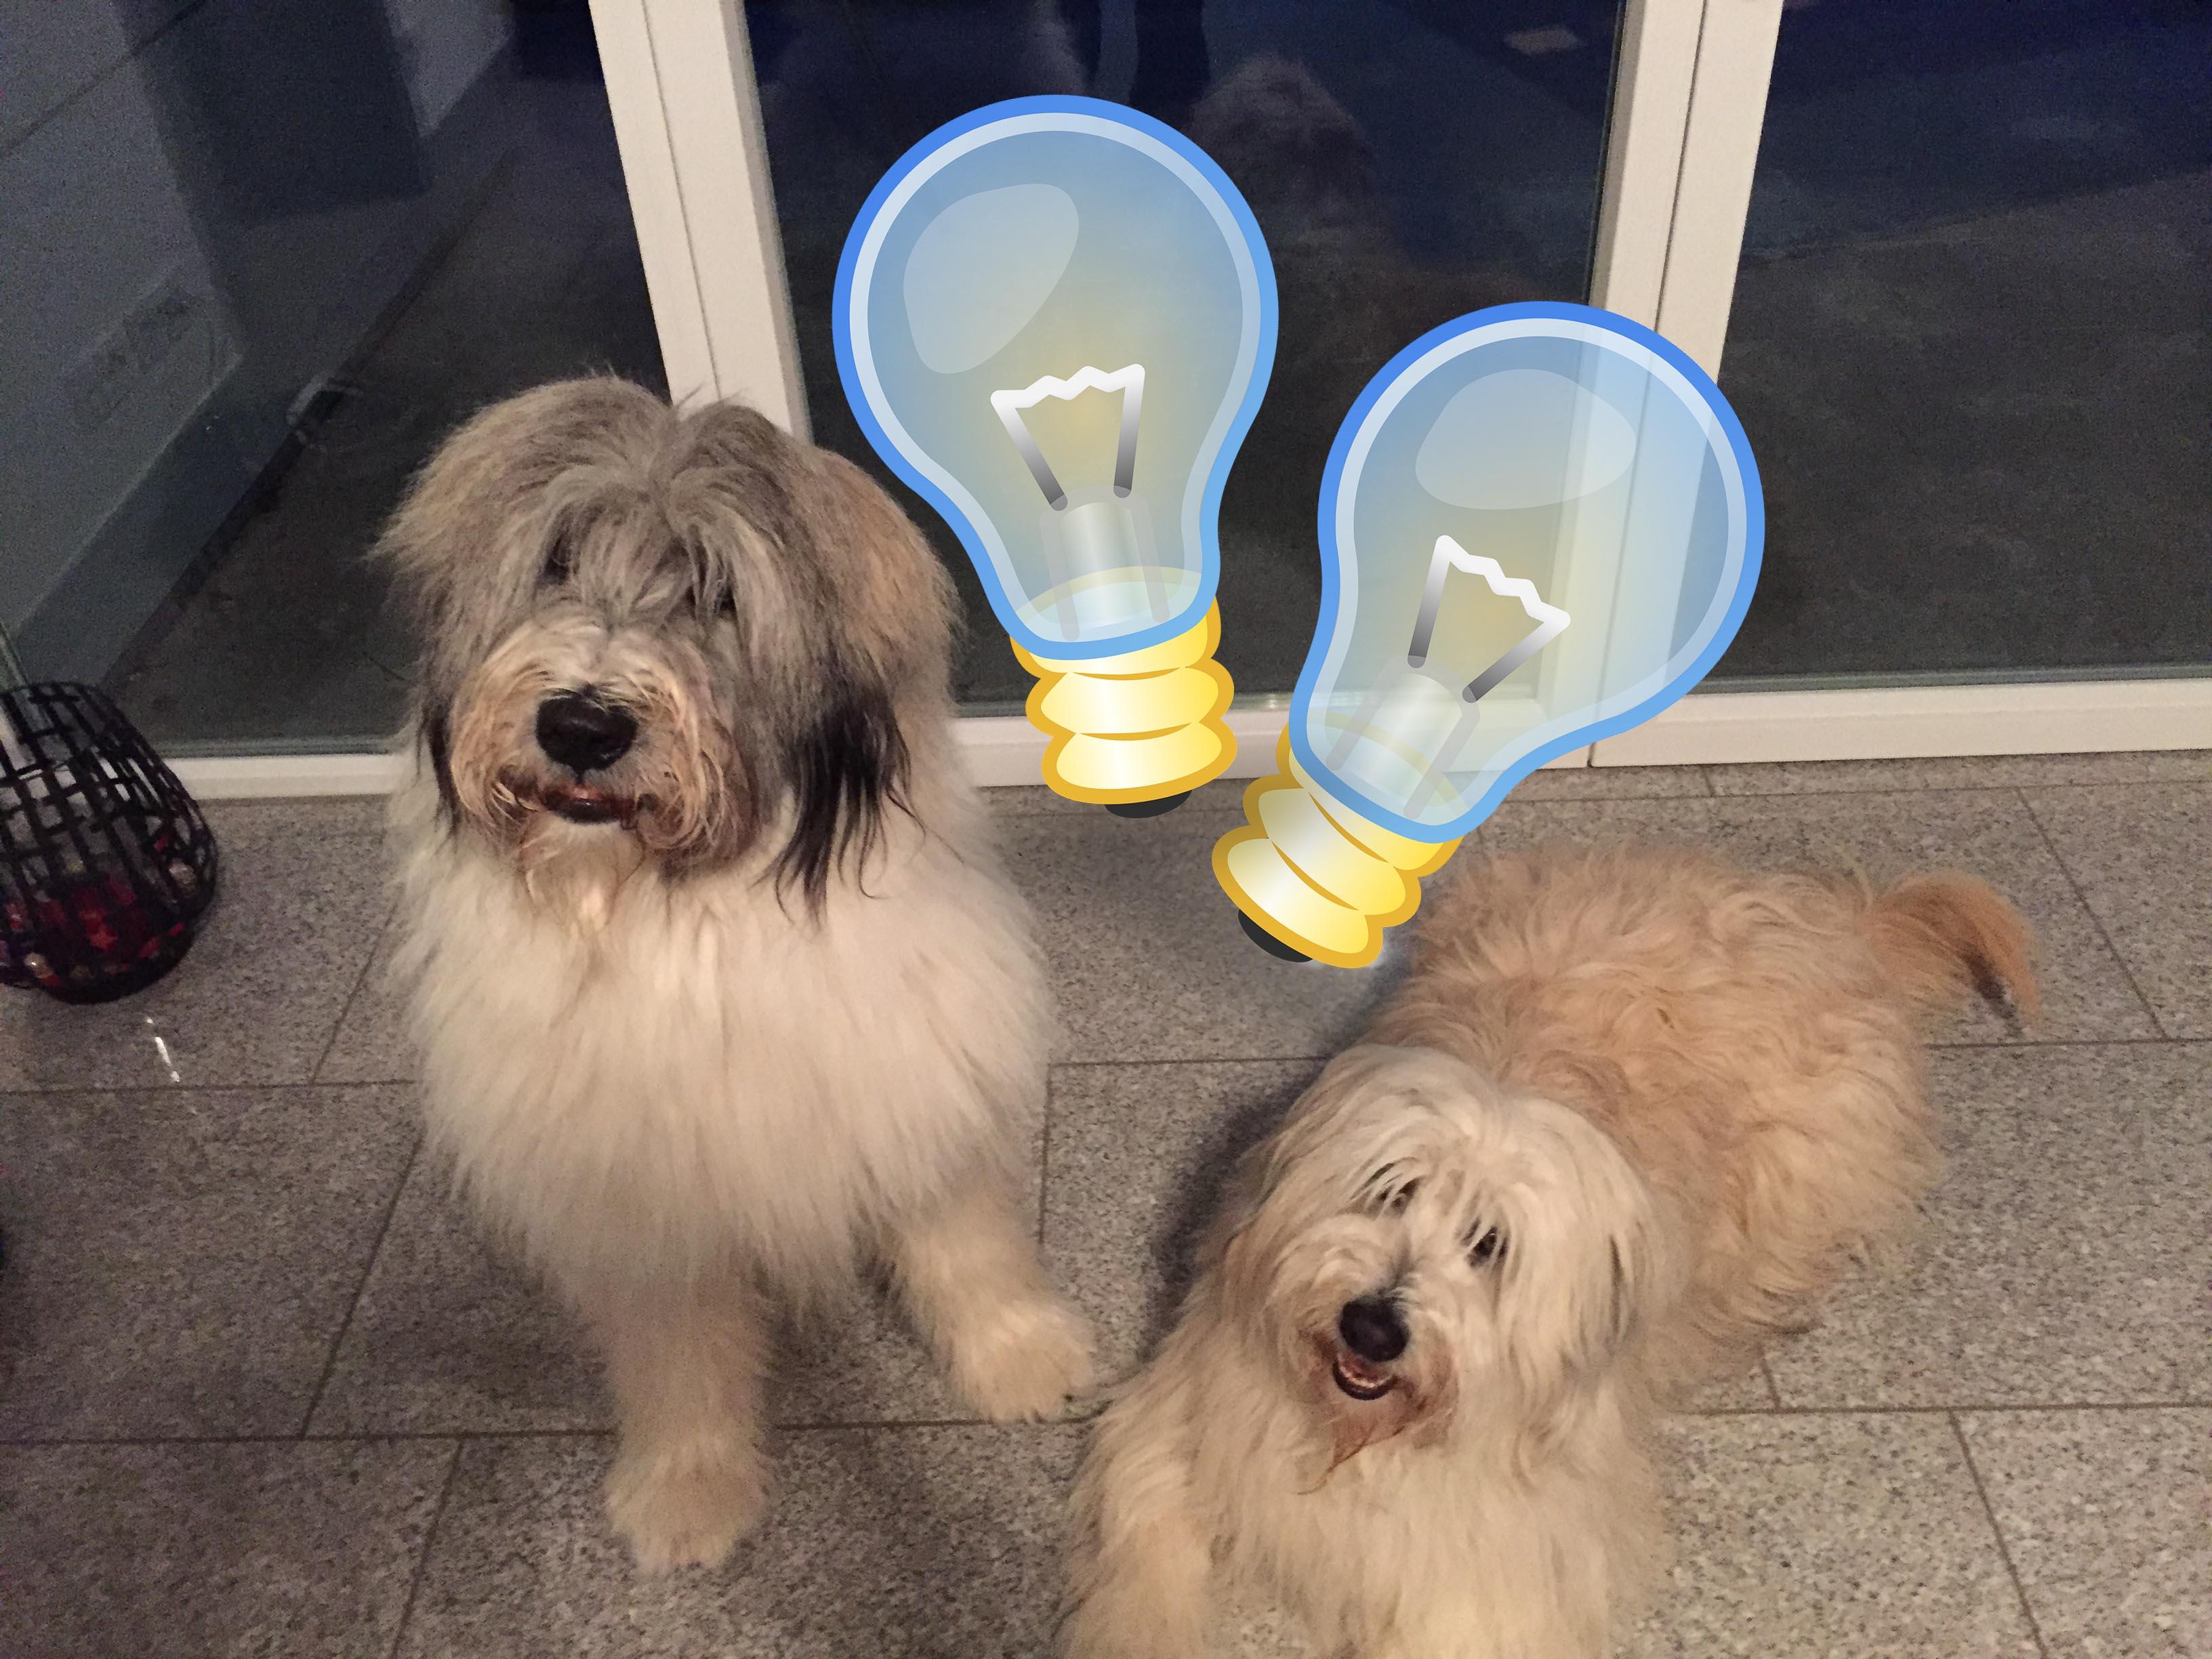 Regel: Bei Abwesenheit Licht für Haustier anschalten